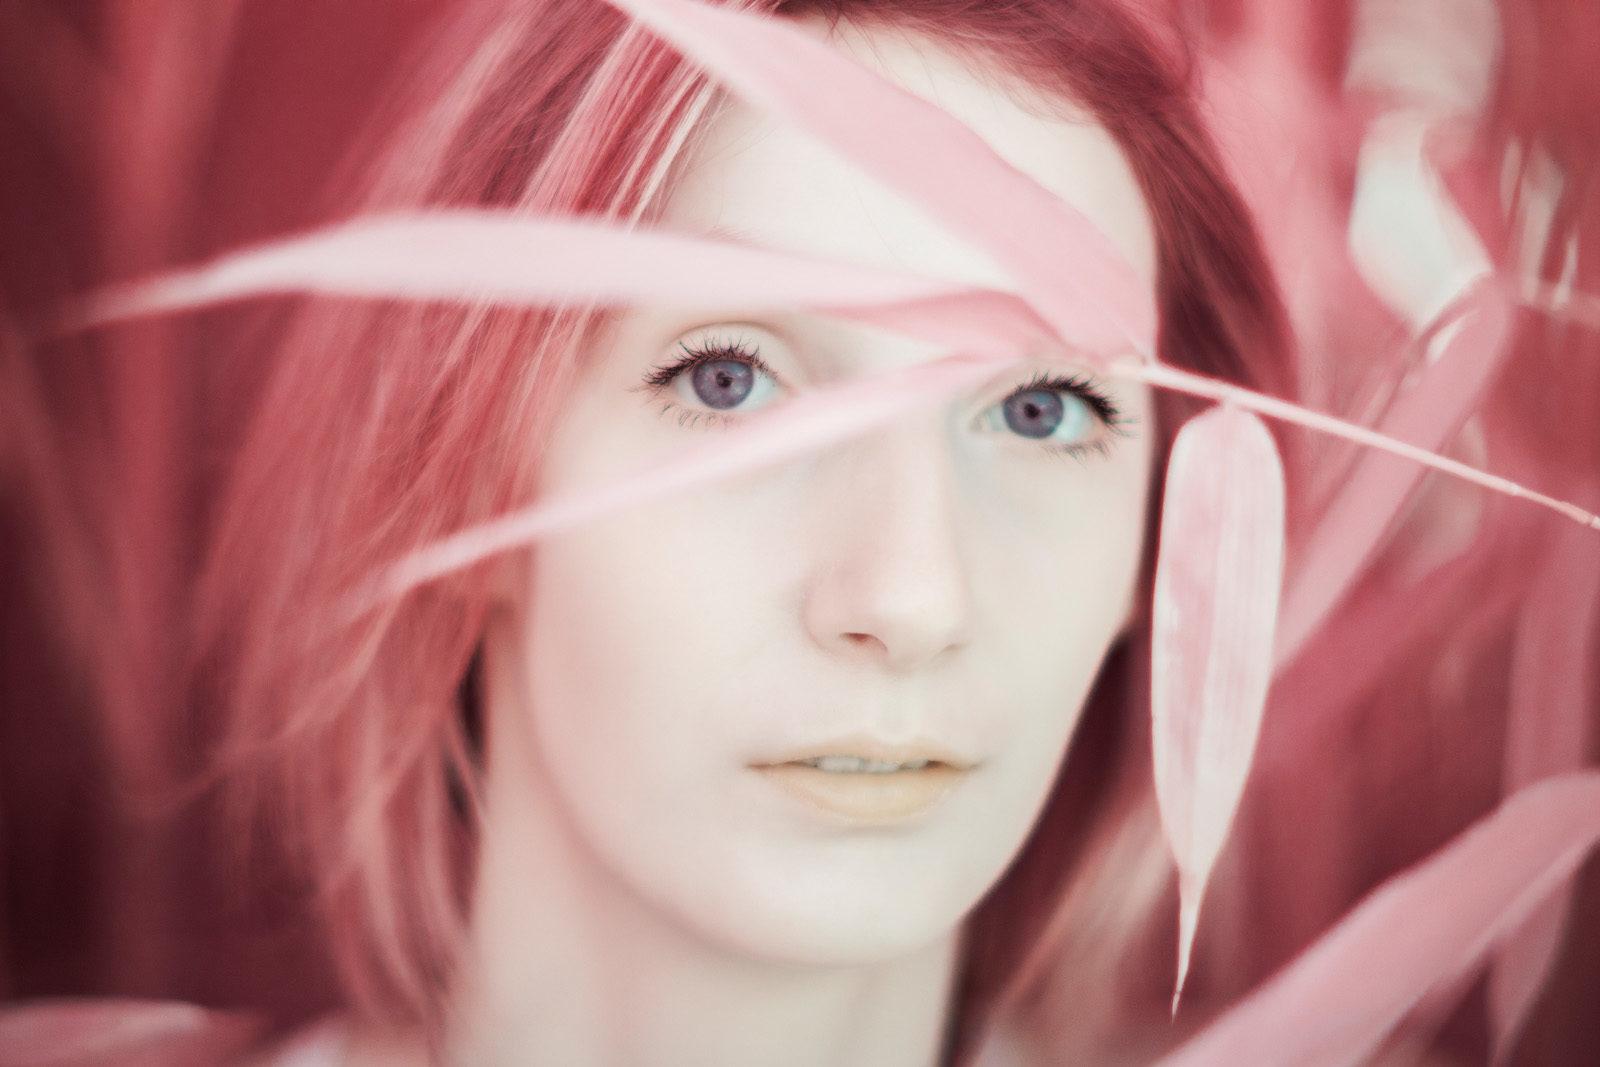 Portrait en infrarouge aerochrome numérique d'une jeune fille dont le visage est caché derrière des feuilles de bambou.